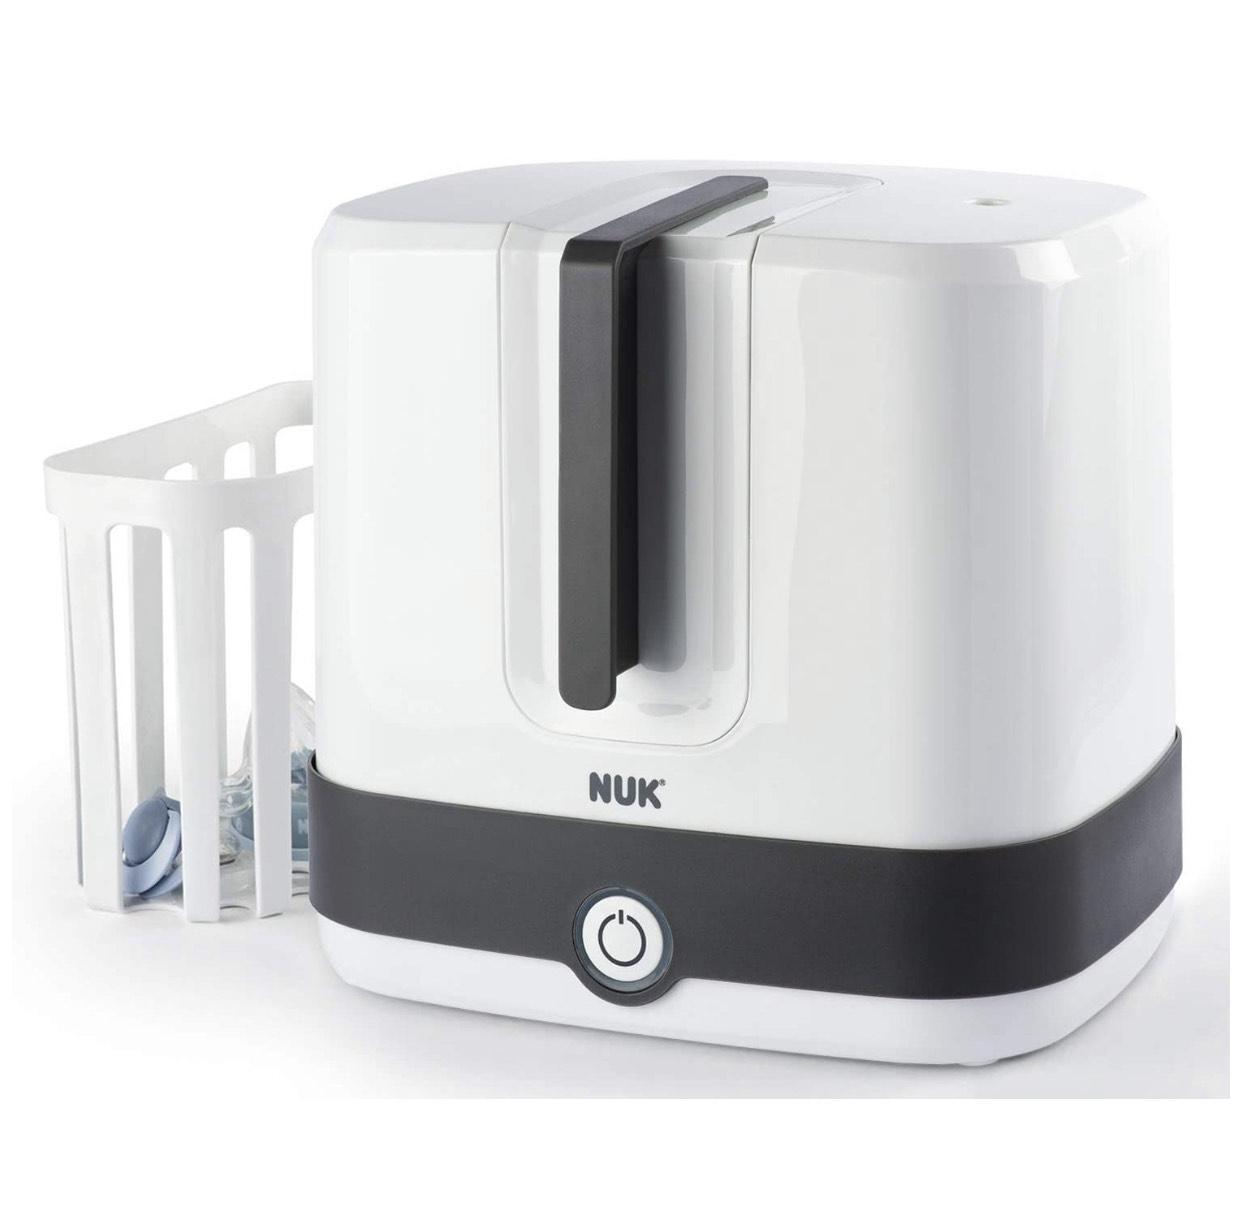 NUK Vario Express Dampf-Sterilisator 3-in-1 (Prime)